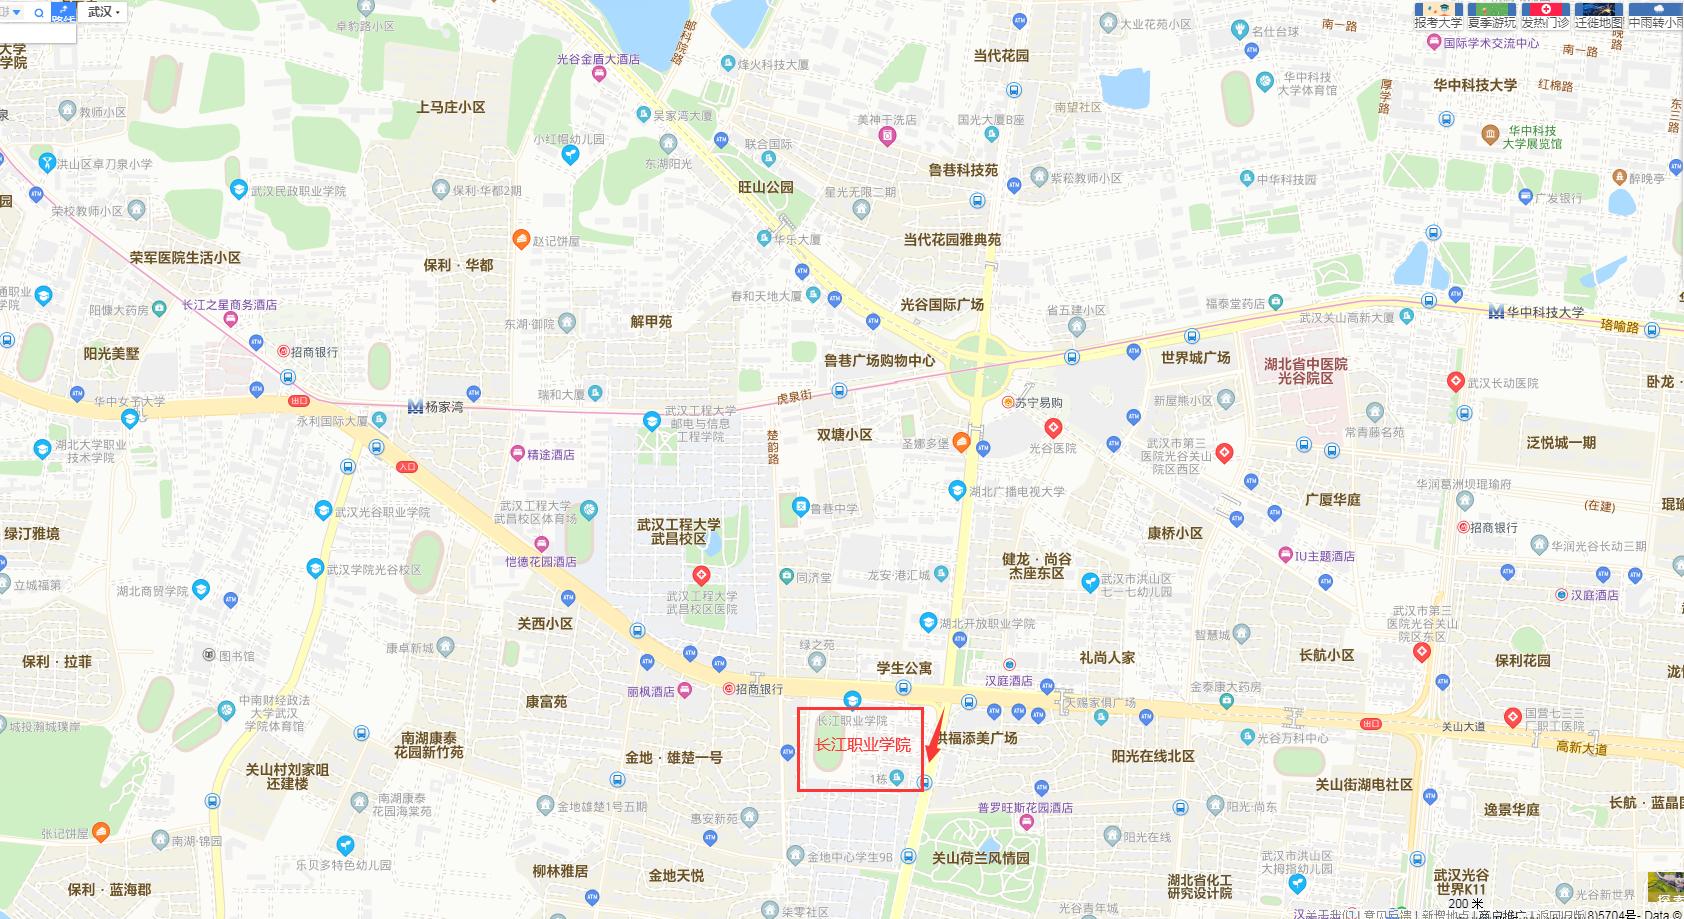 2020年全国一级建造师湖北省省直考生考点